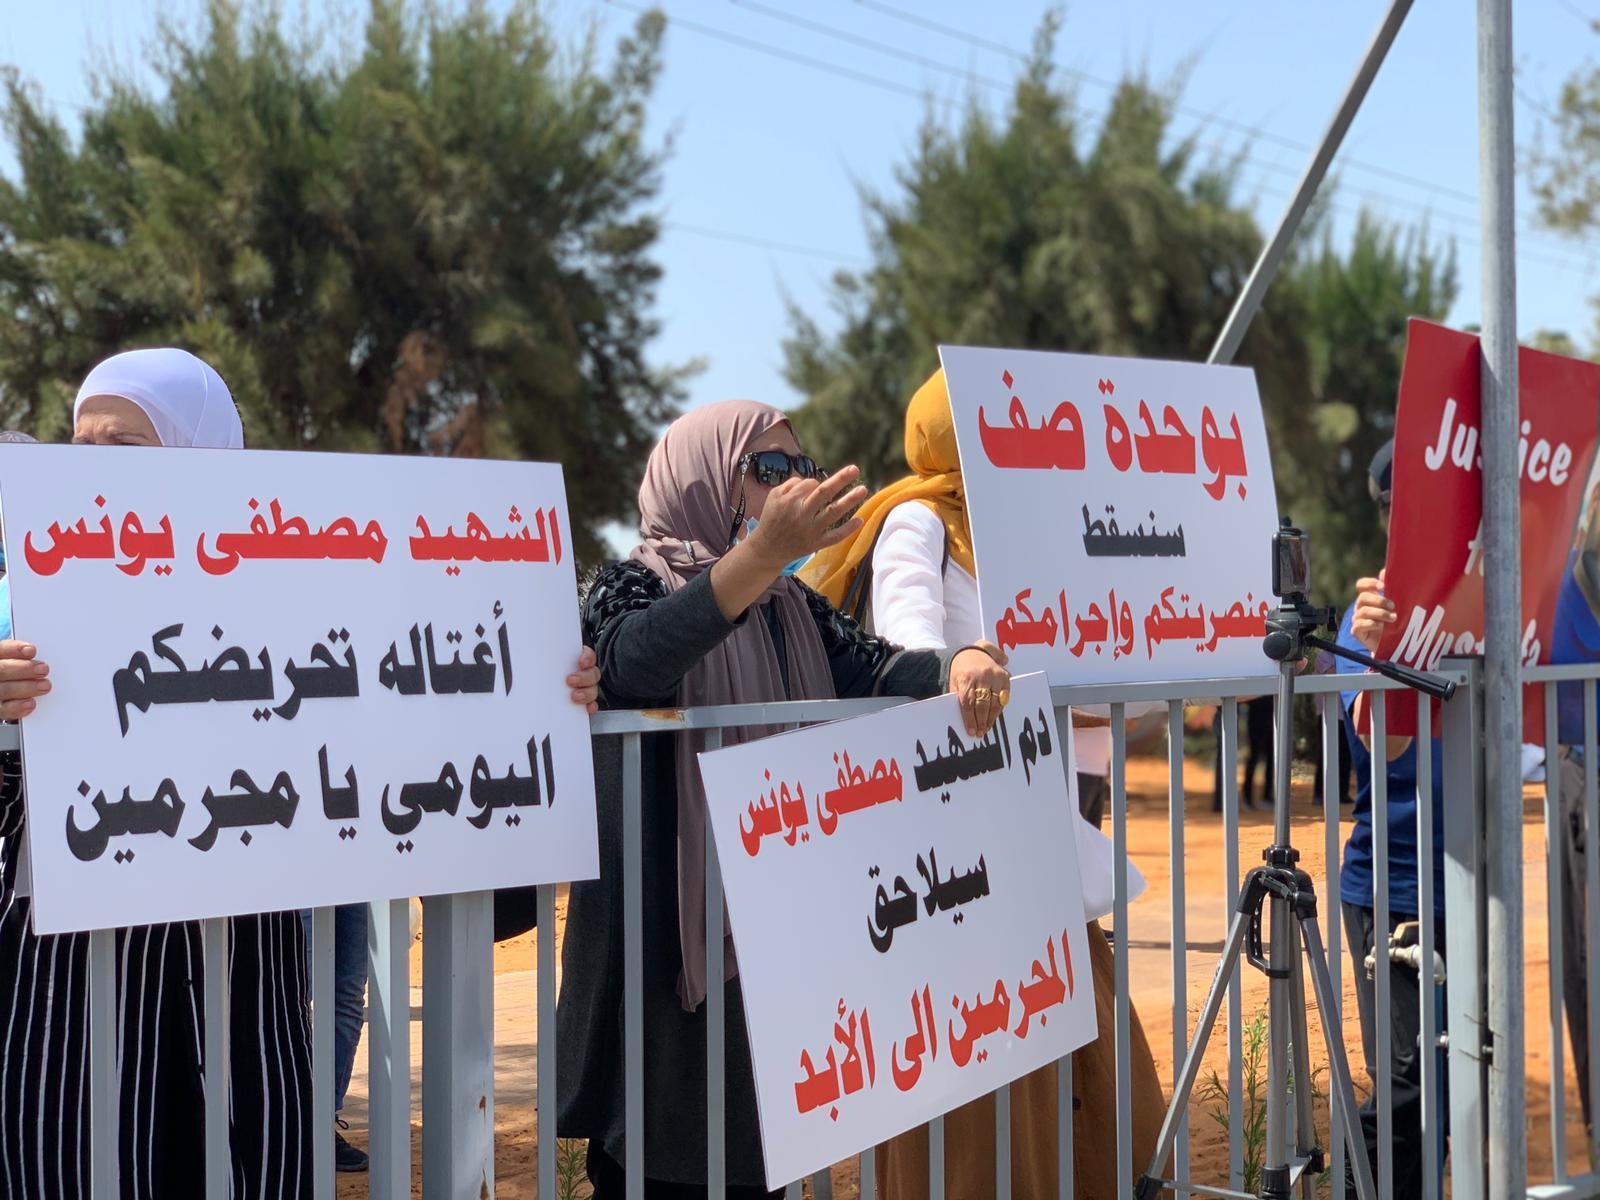 """تظاهرة قبالة مستشفى """"تل هشومير"""" احتجاجا على إعدام يونس"""